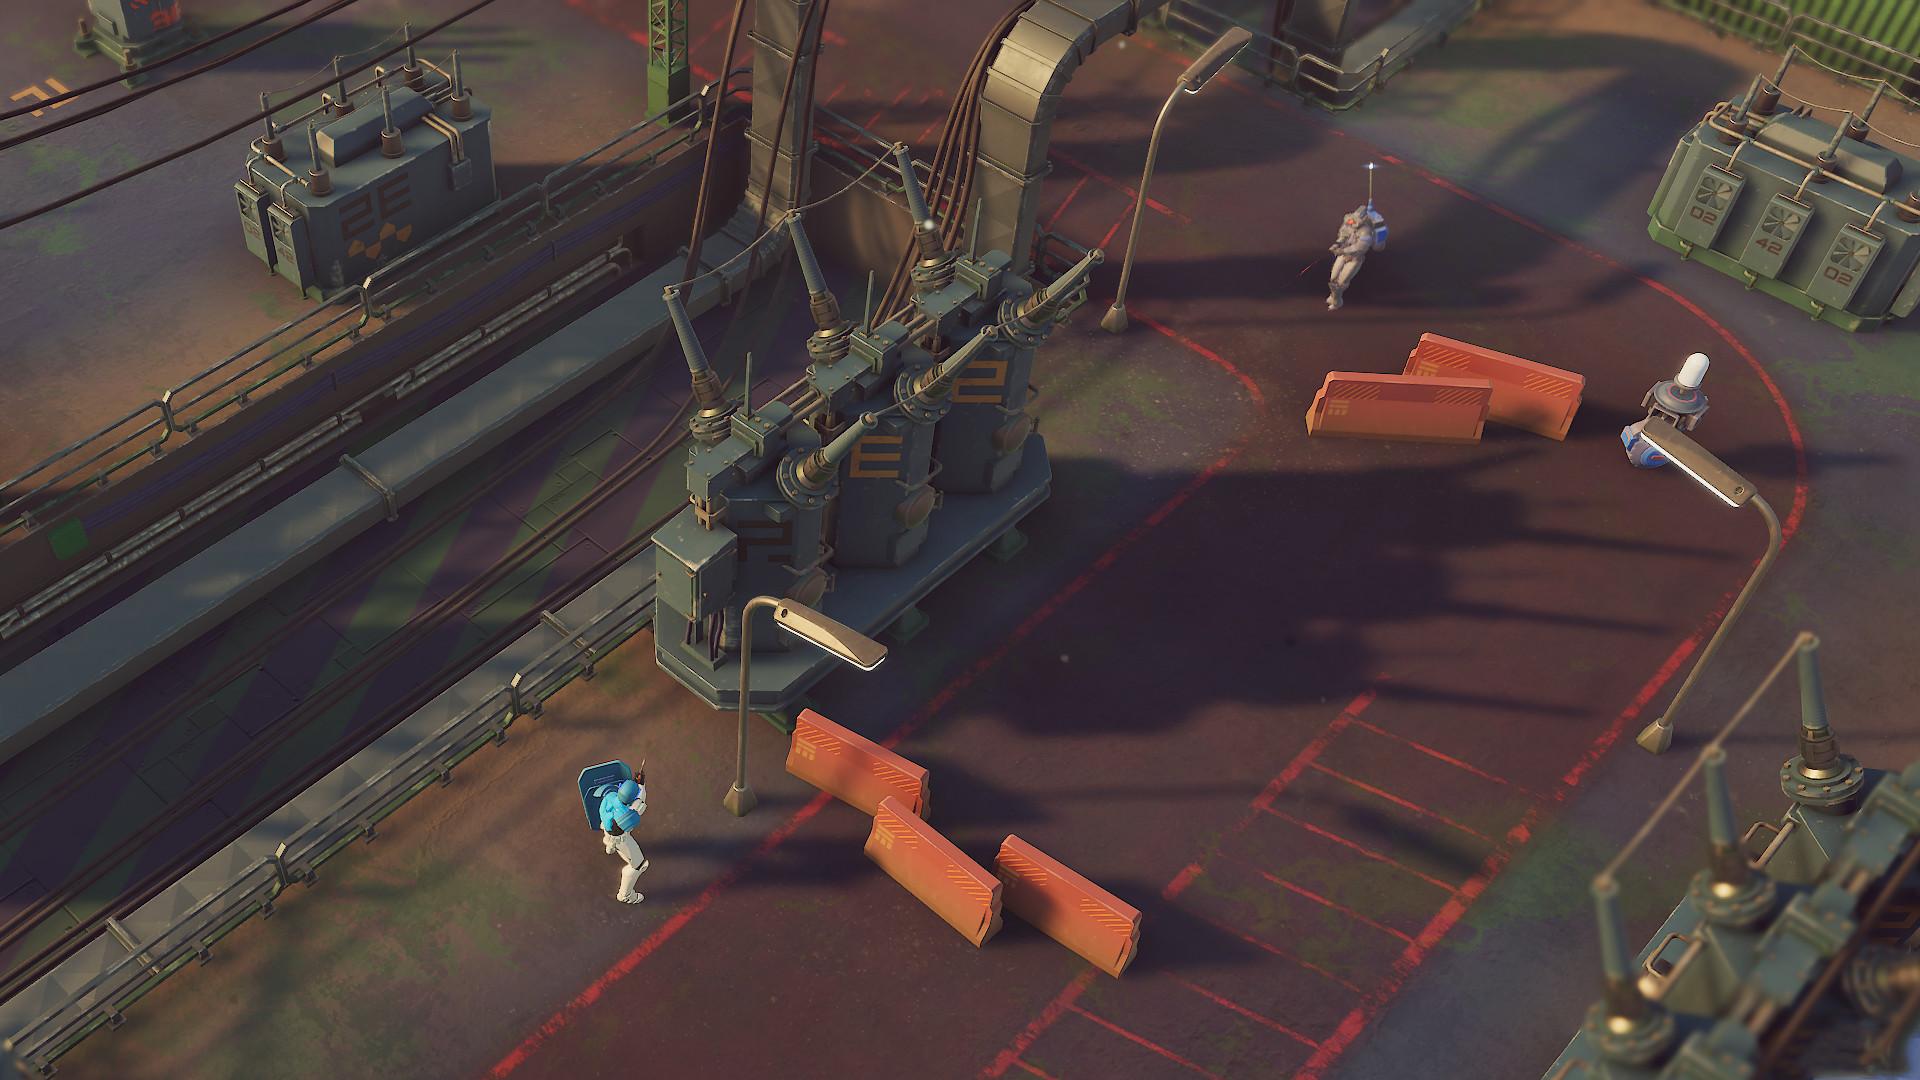 策略肉鸽射击游戏《合成人2》11月11日抢鲜体验插图7